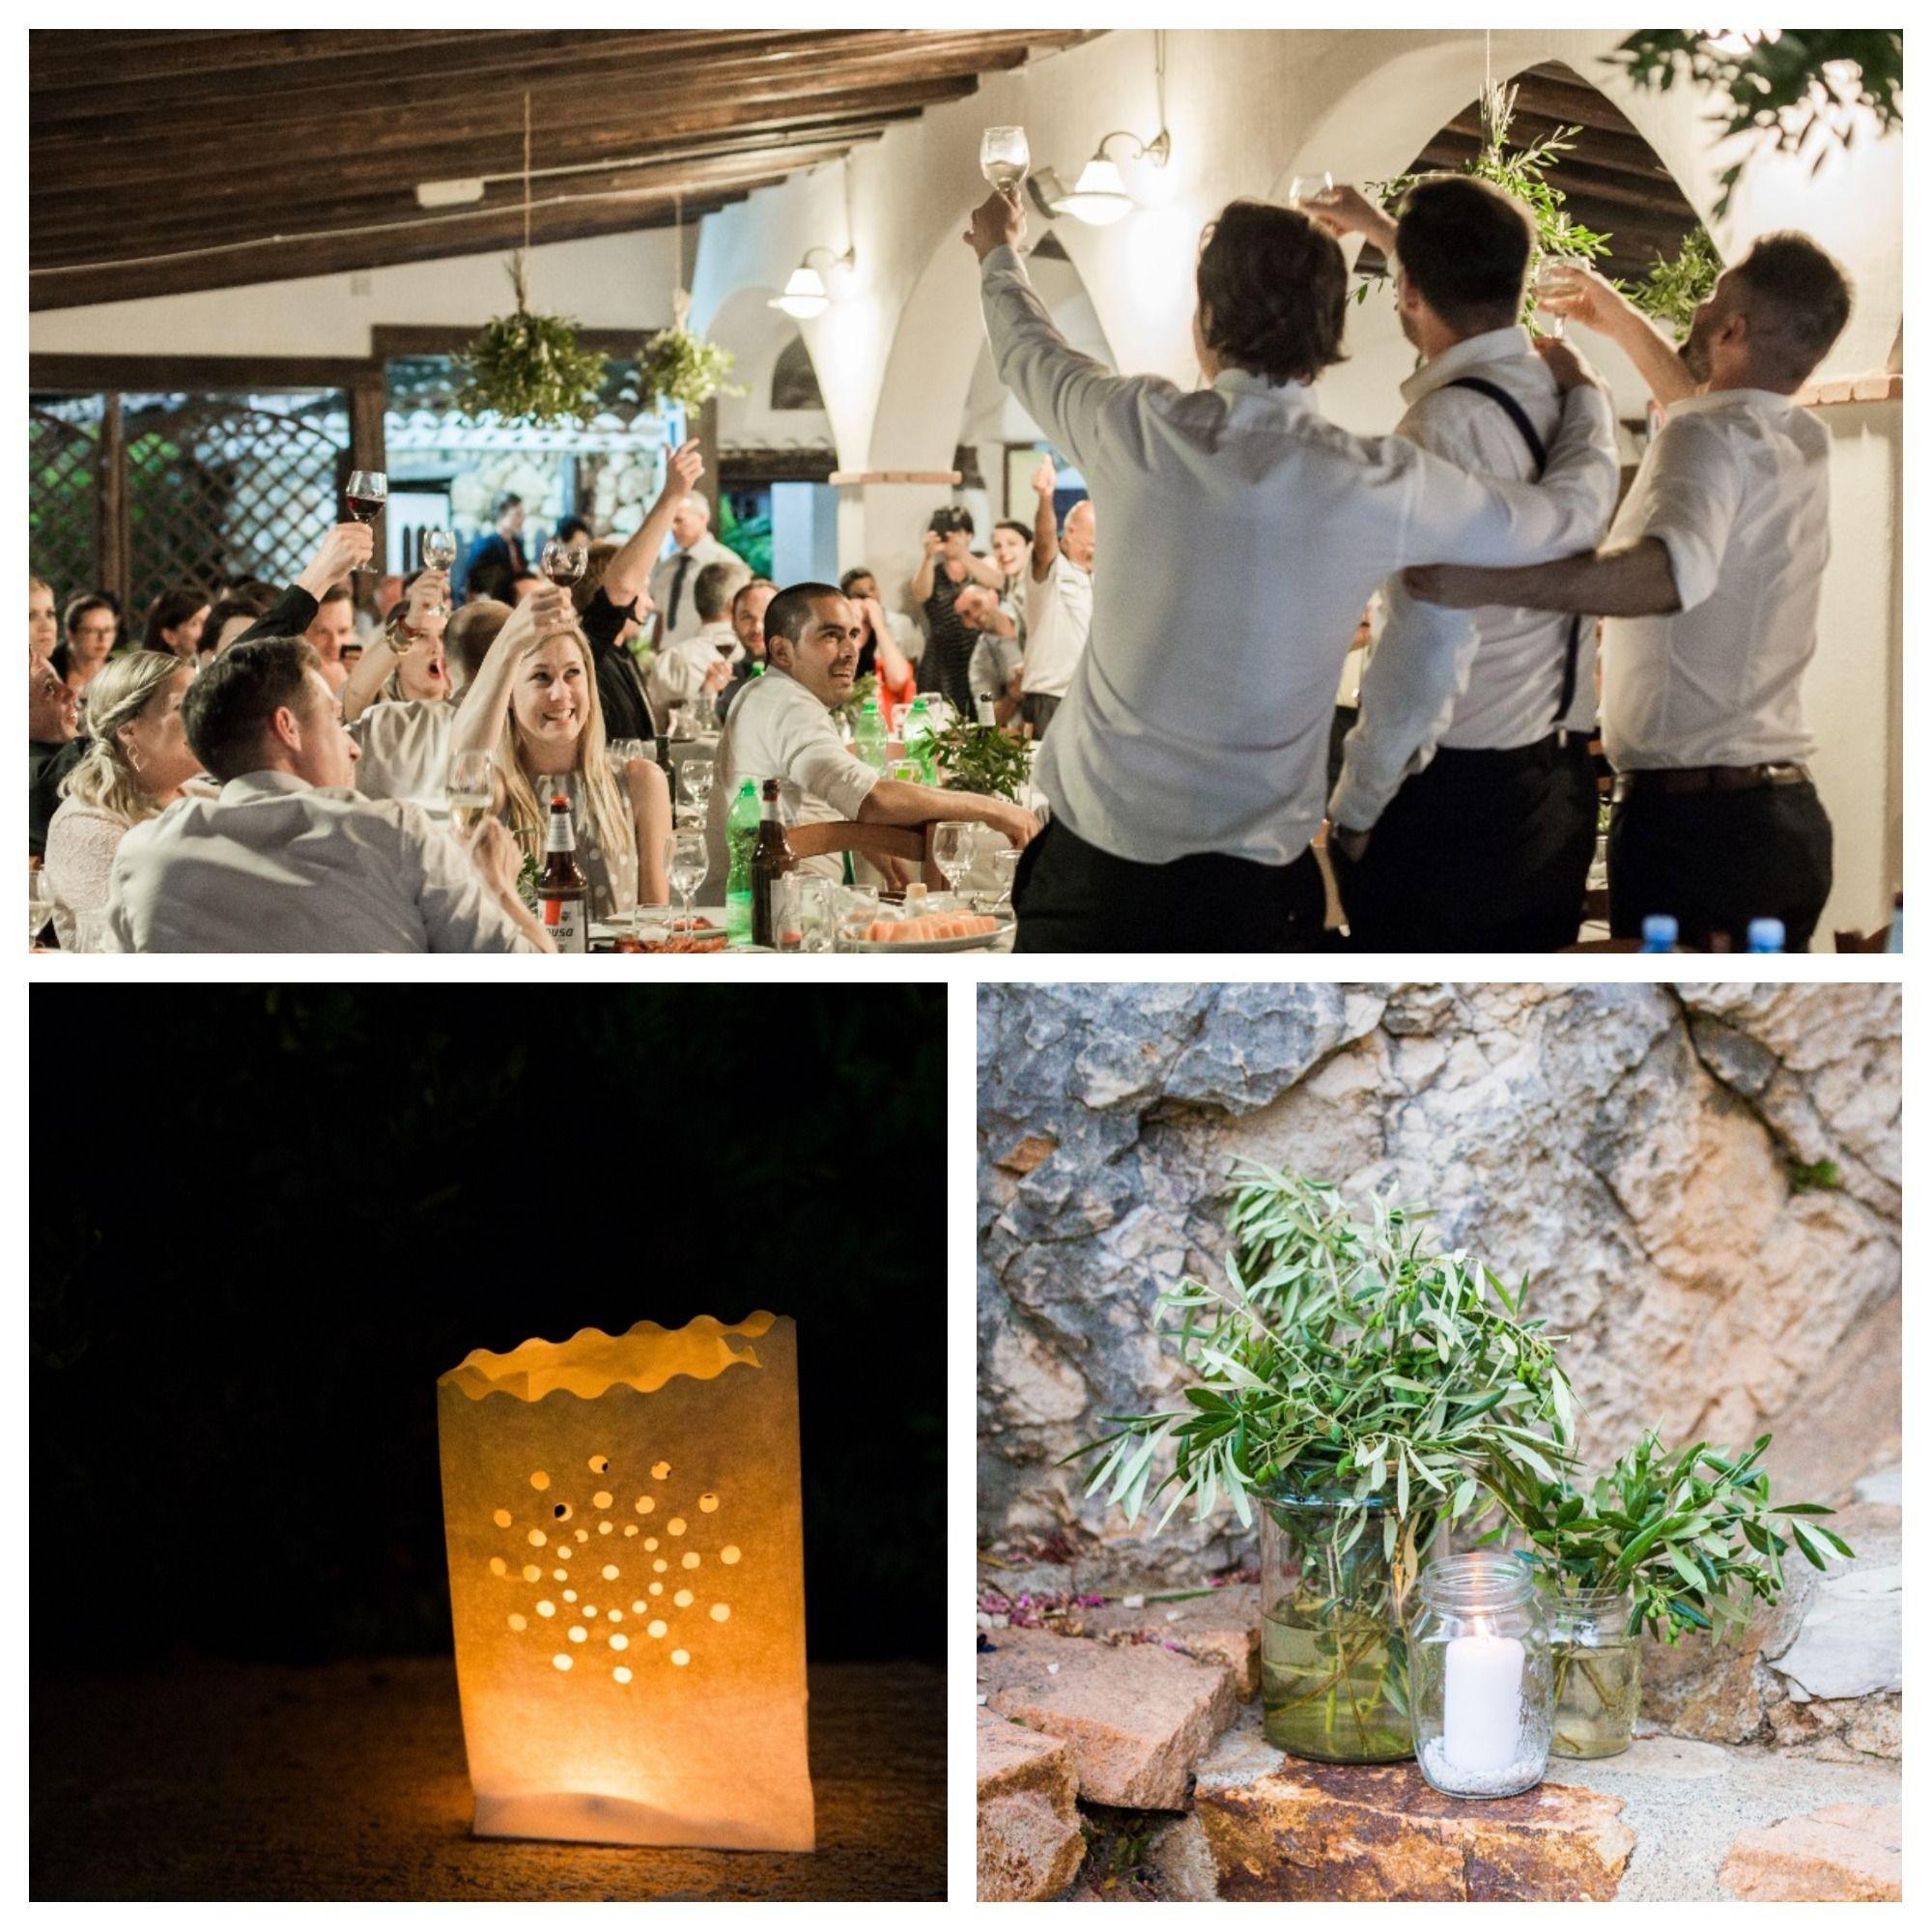 Matrimonio Tema Sardegna : Matrimonio pomeridiano in sardegna cena e festa. tema ulivo